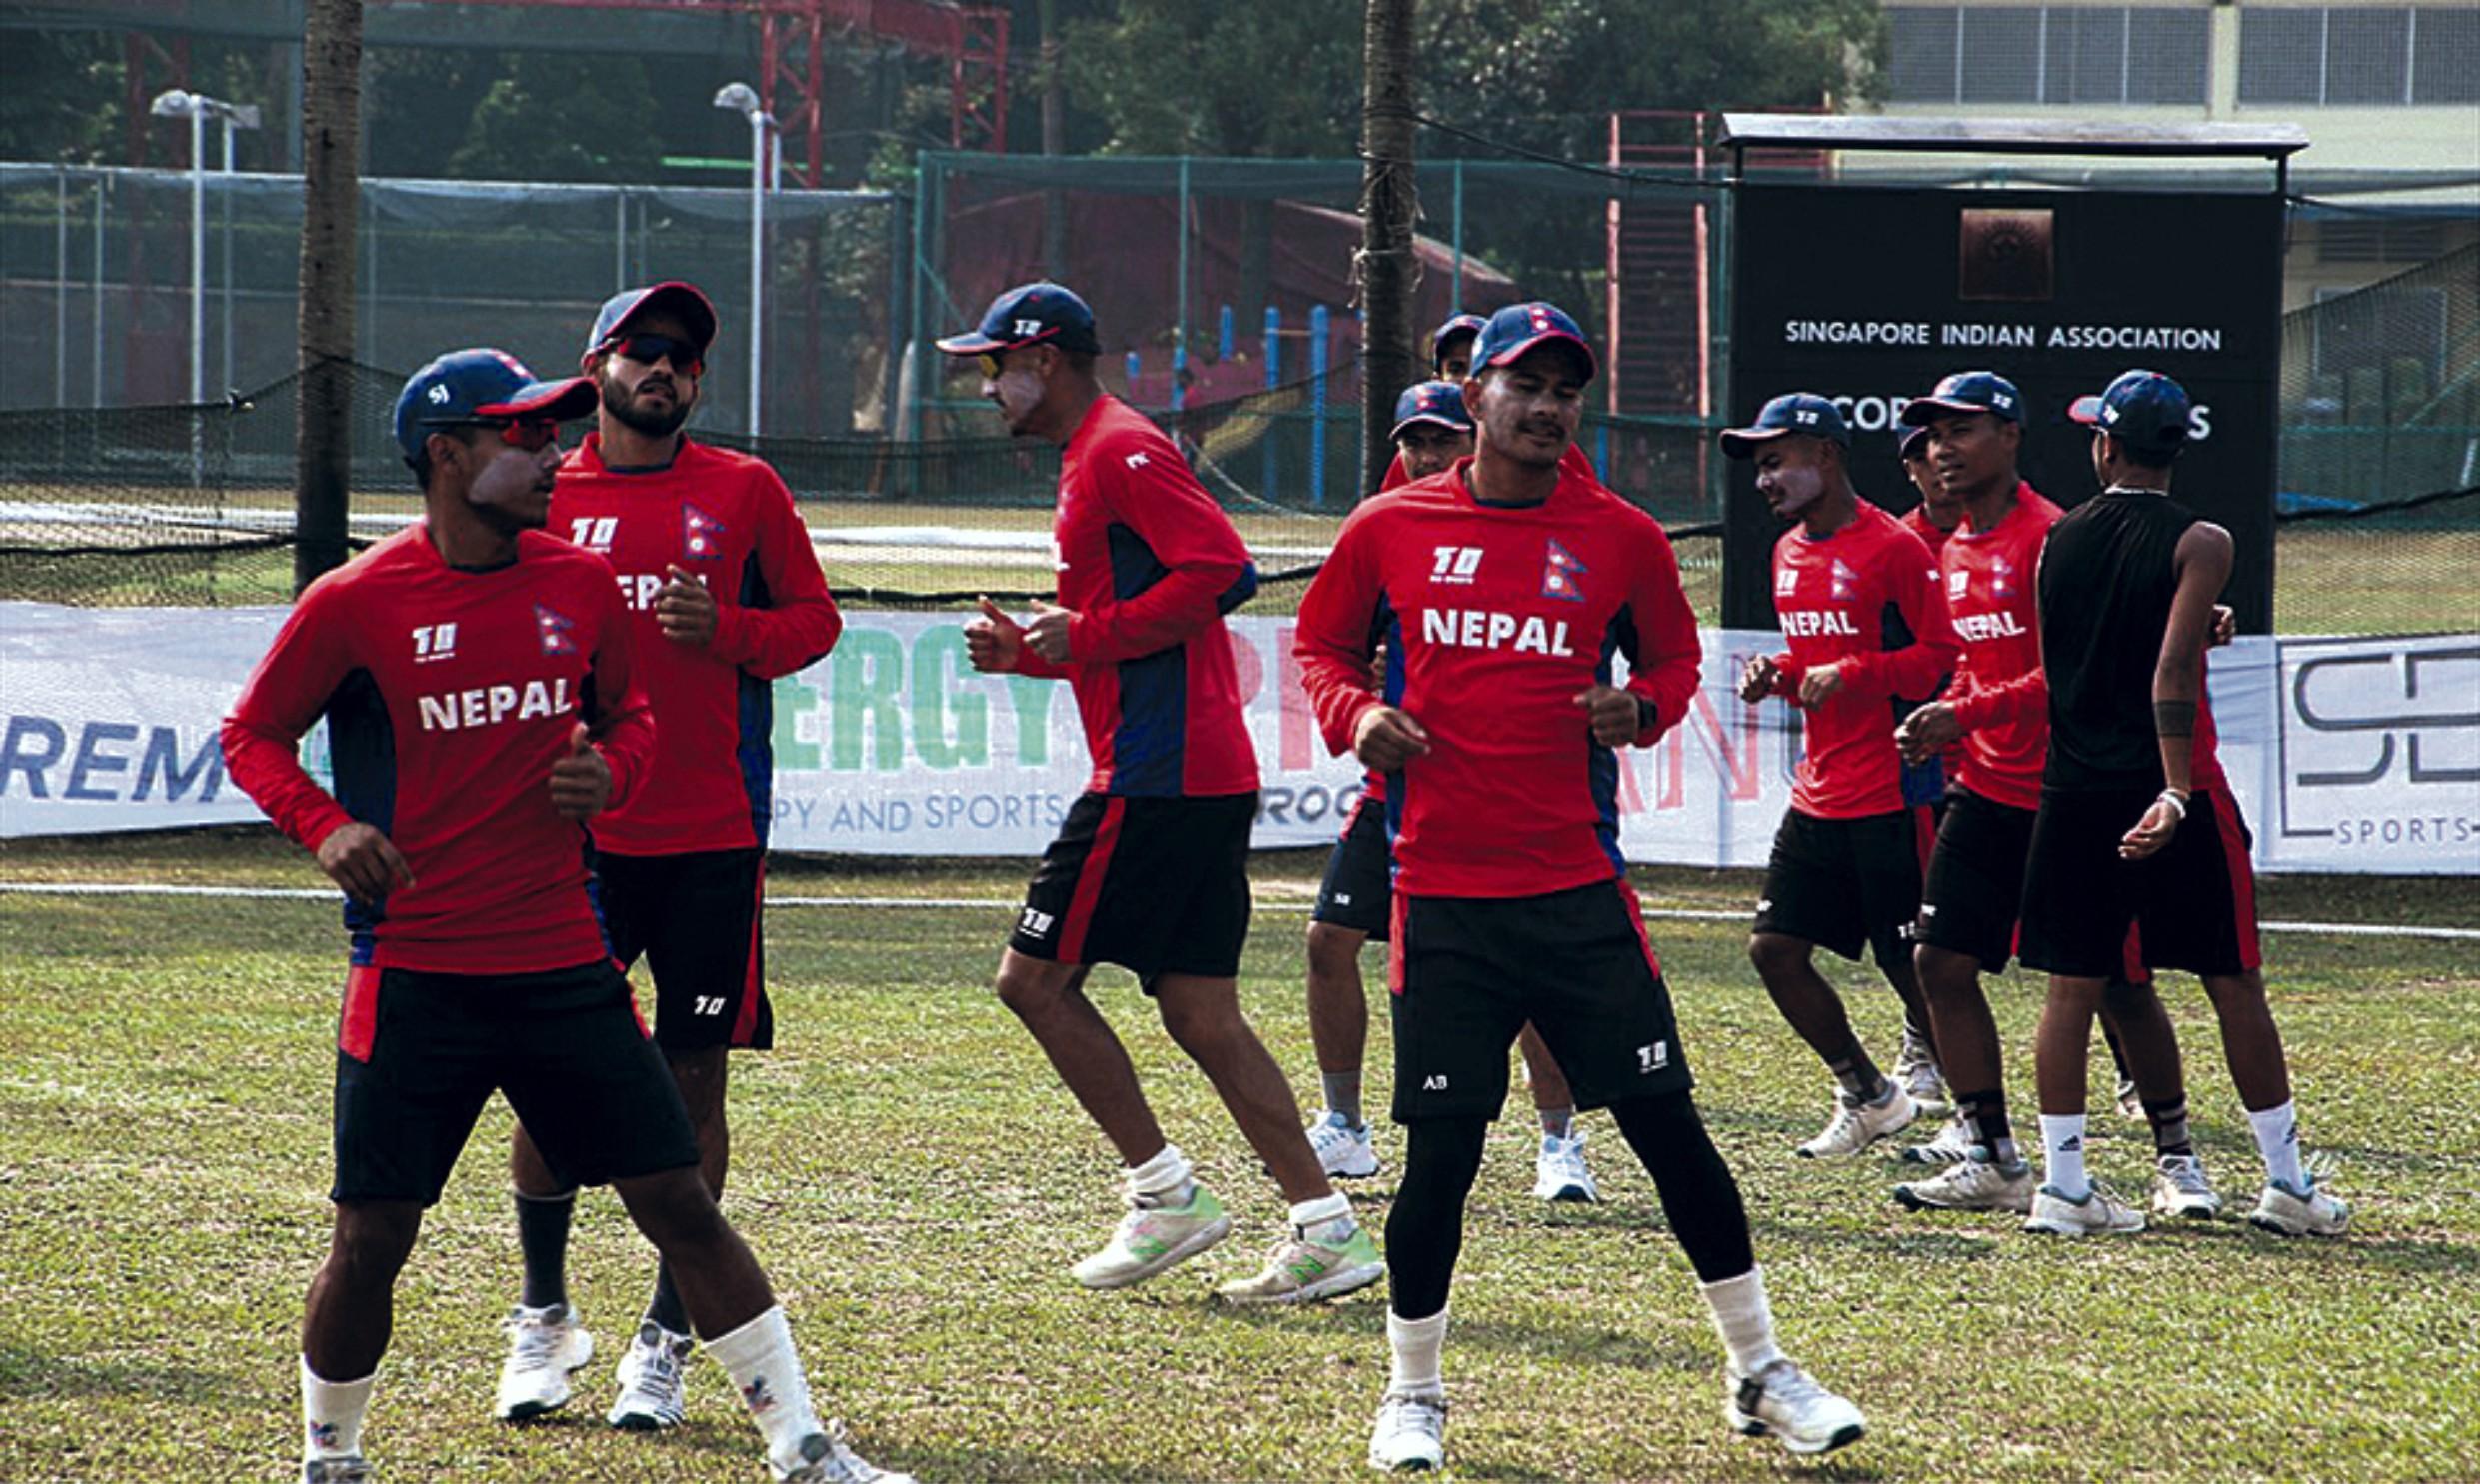 आजबाट नेपाली राष्ट्रिय क्रिकेट टिमको बन्द प्रशिक्षण सुरु